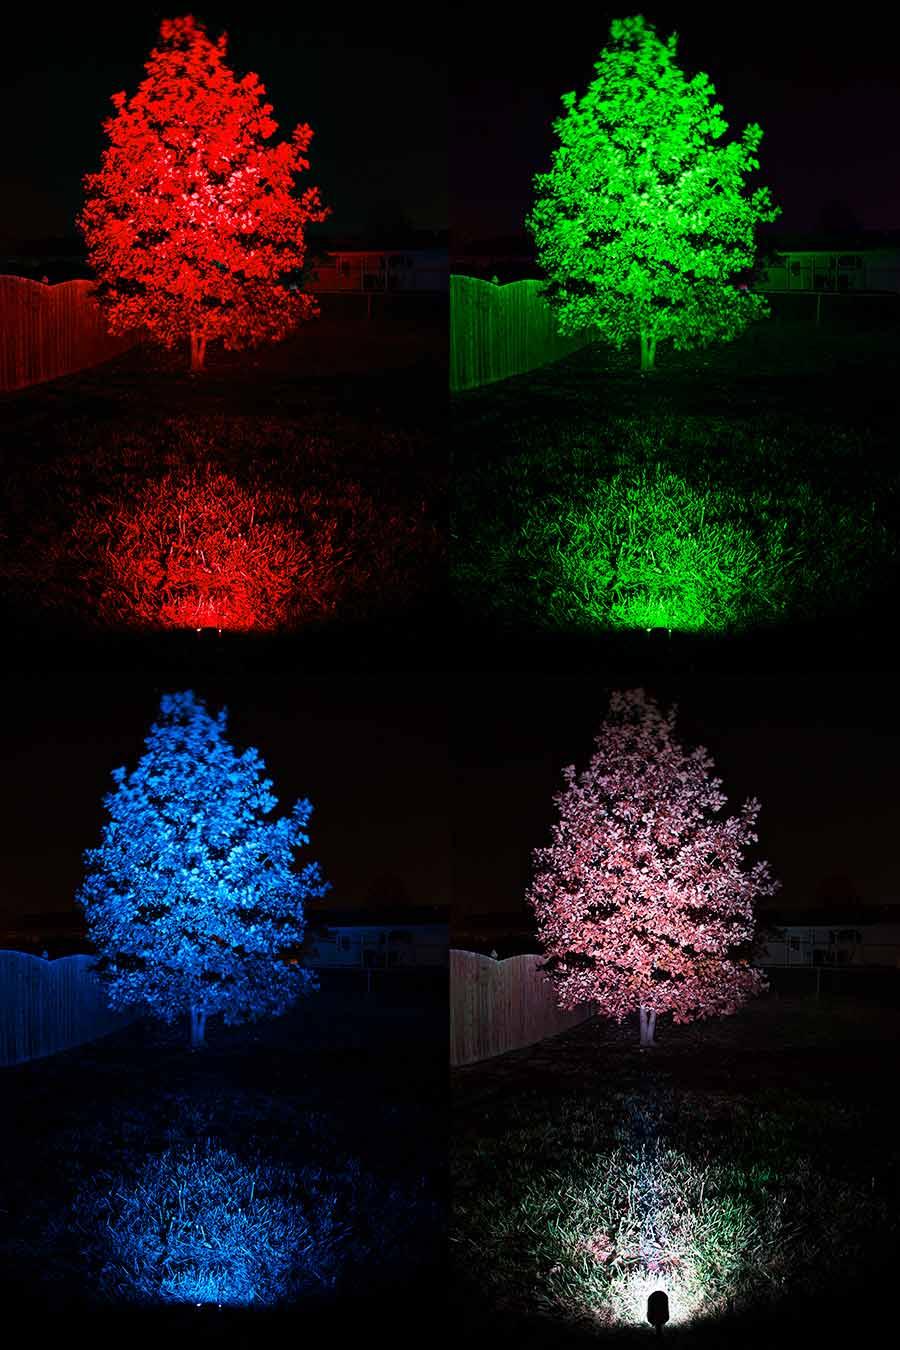 18w color changing rgb led landscape spotlight 525 lumens remote sold separately led. Black Bedroom Furniture Sets. Home Design Ideas